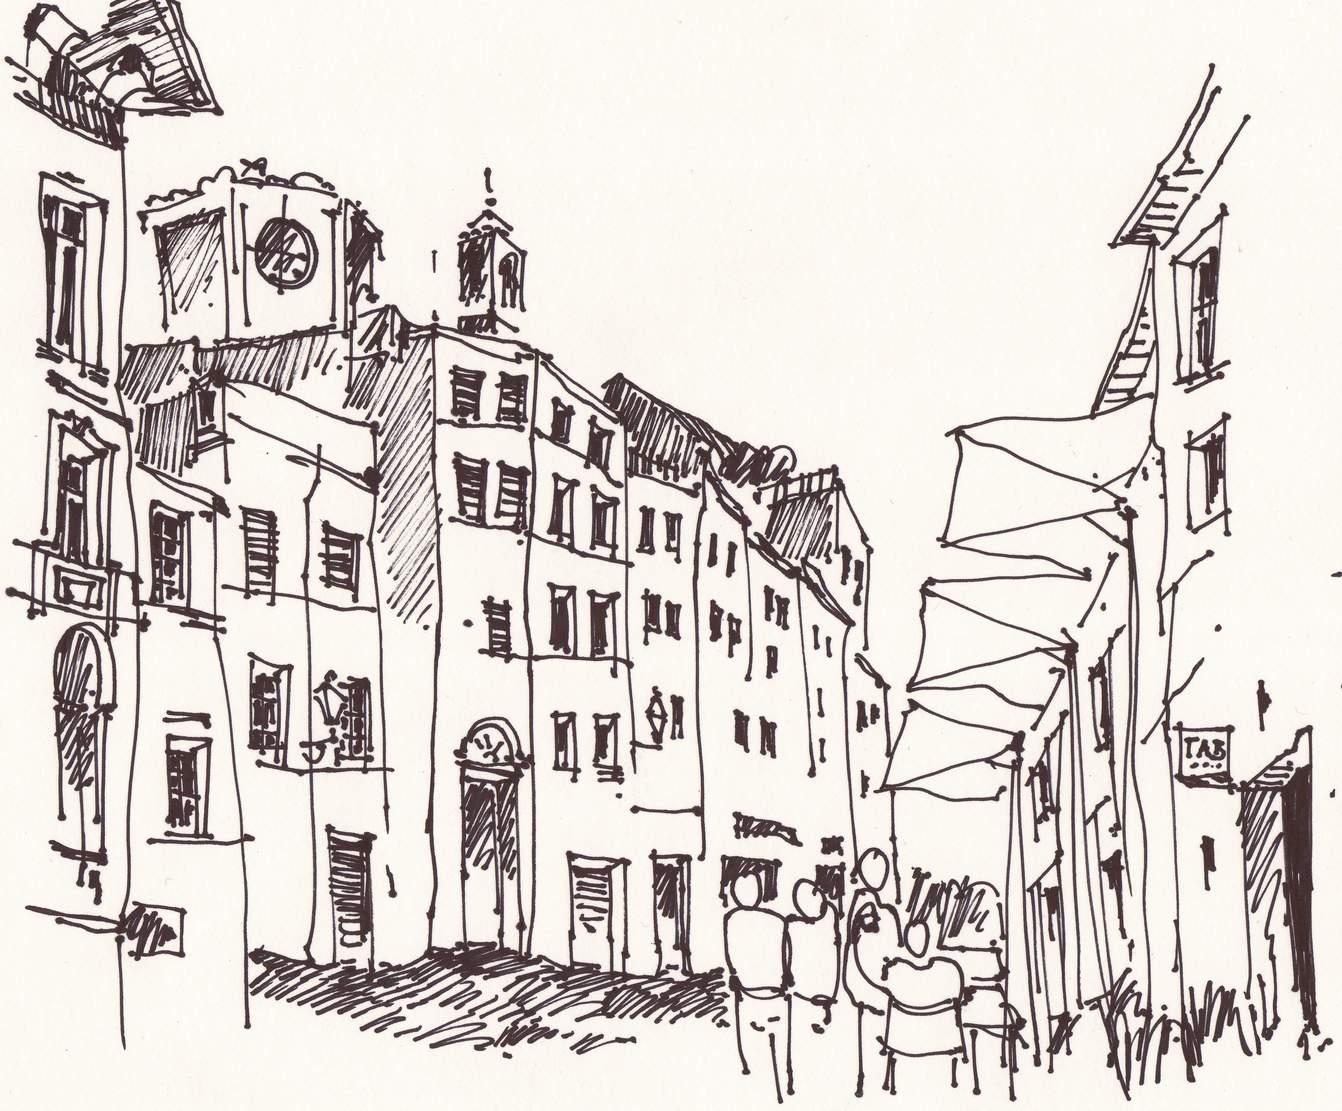 Architektur skizzen arch blog - Architektur skizzen zeichnen ...